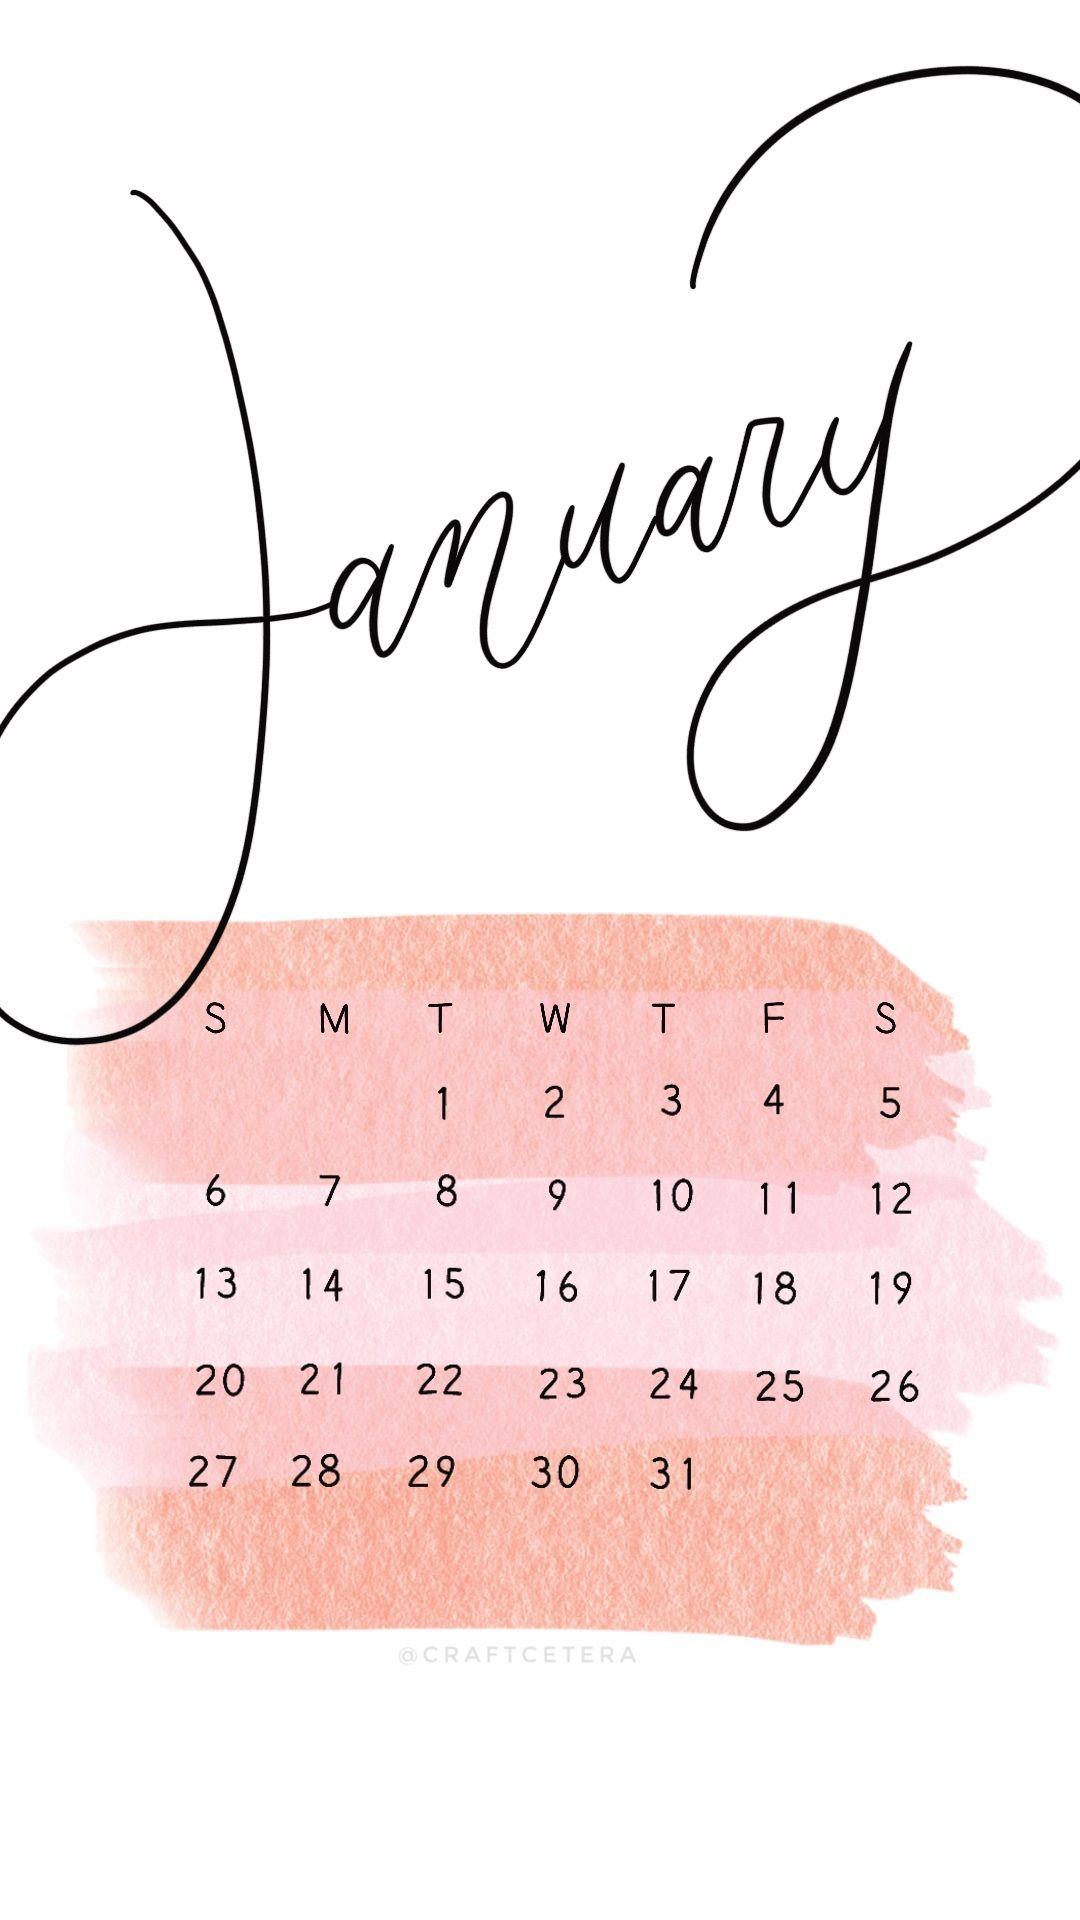 Free January 2019 Wallpaper | Kalender, Objek gambar ...